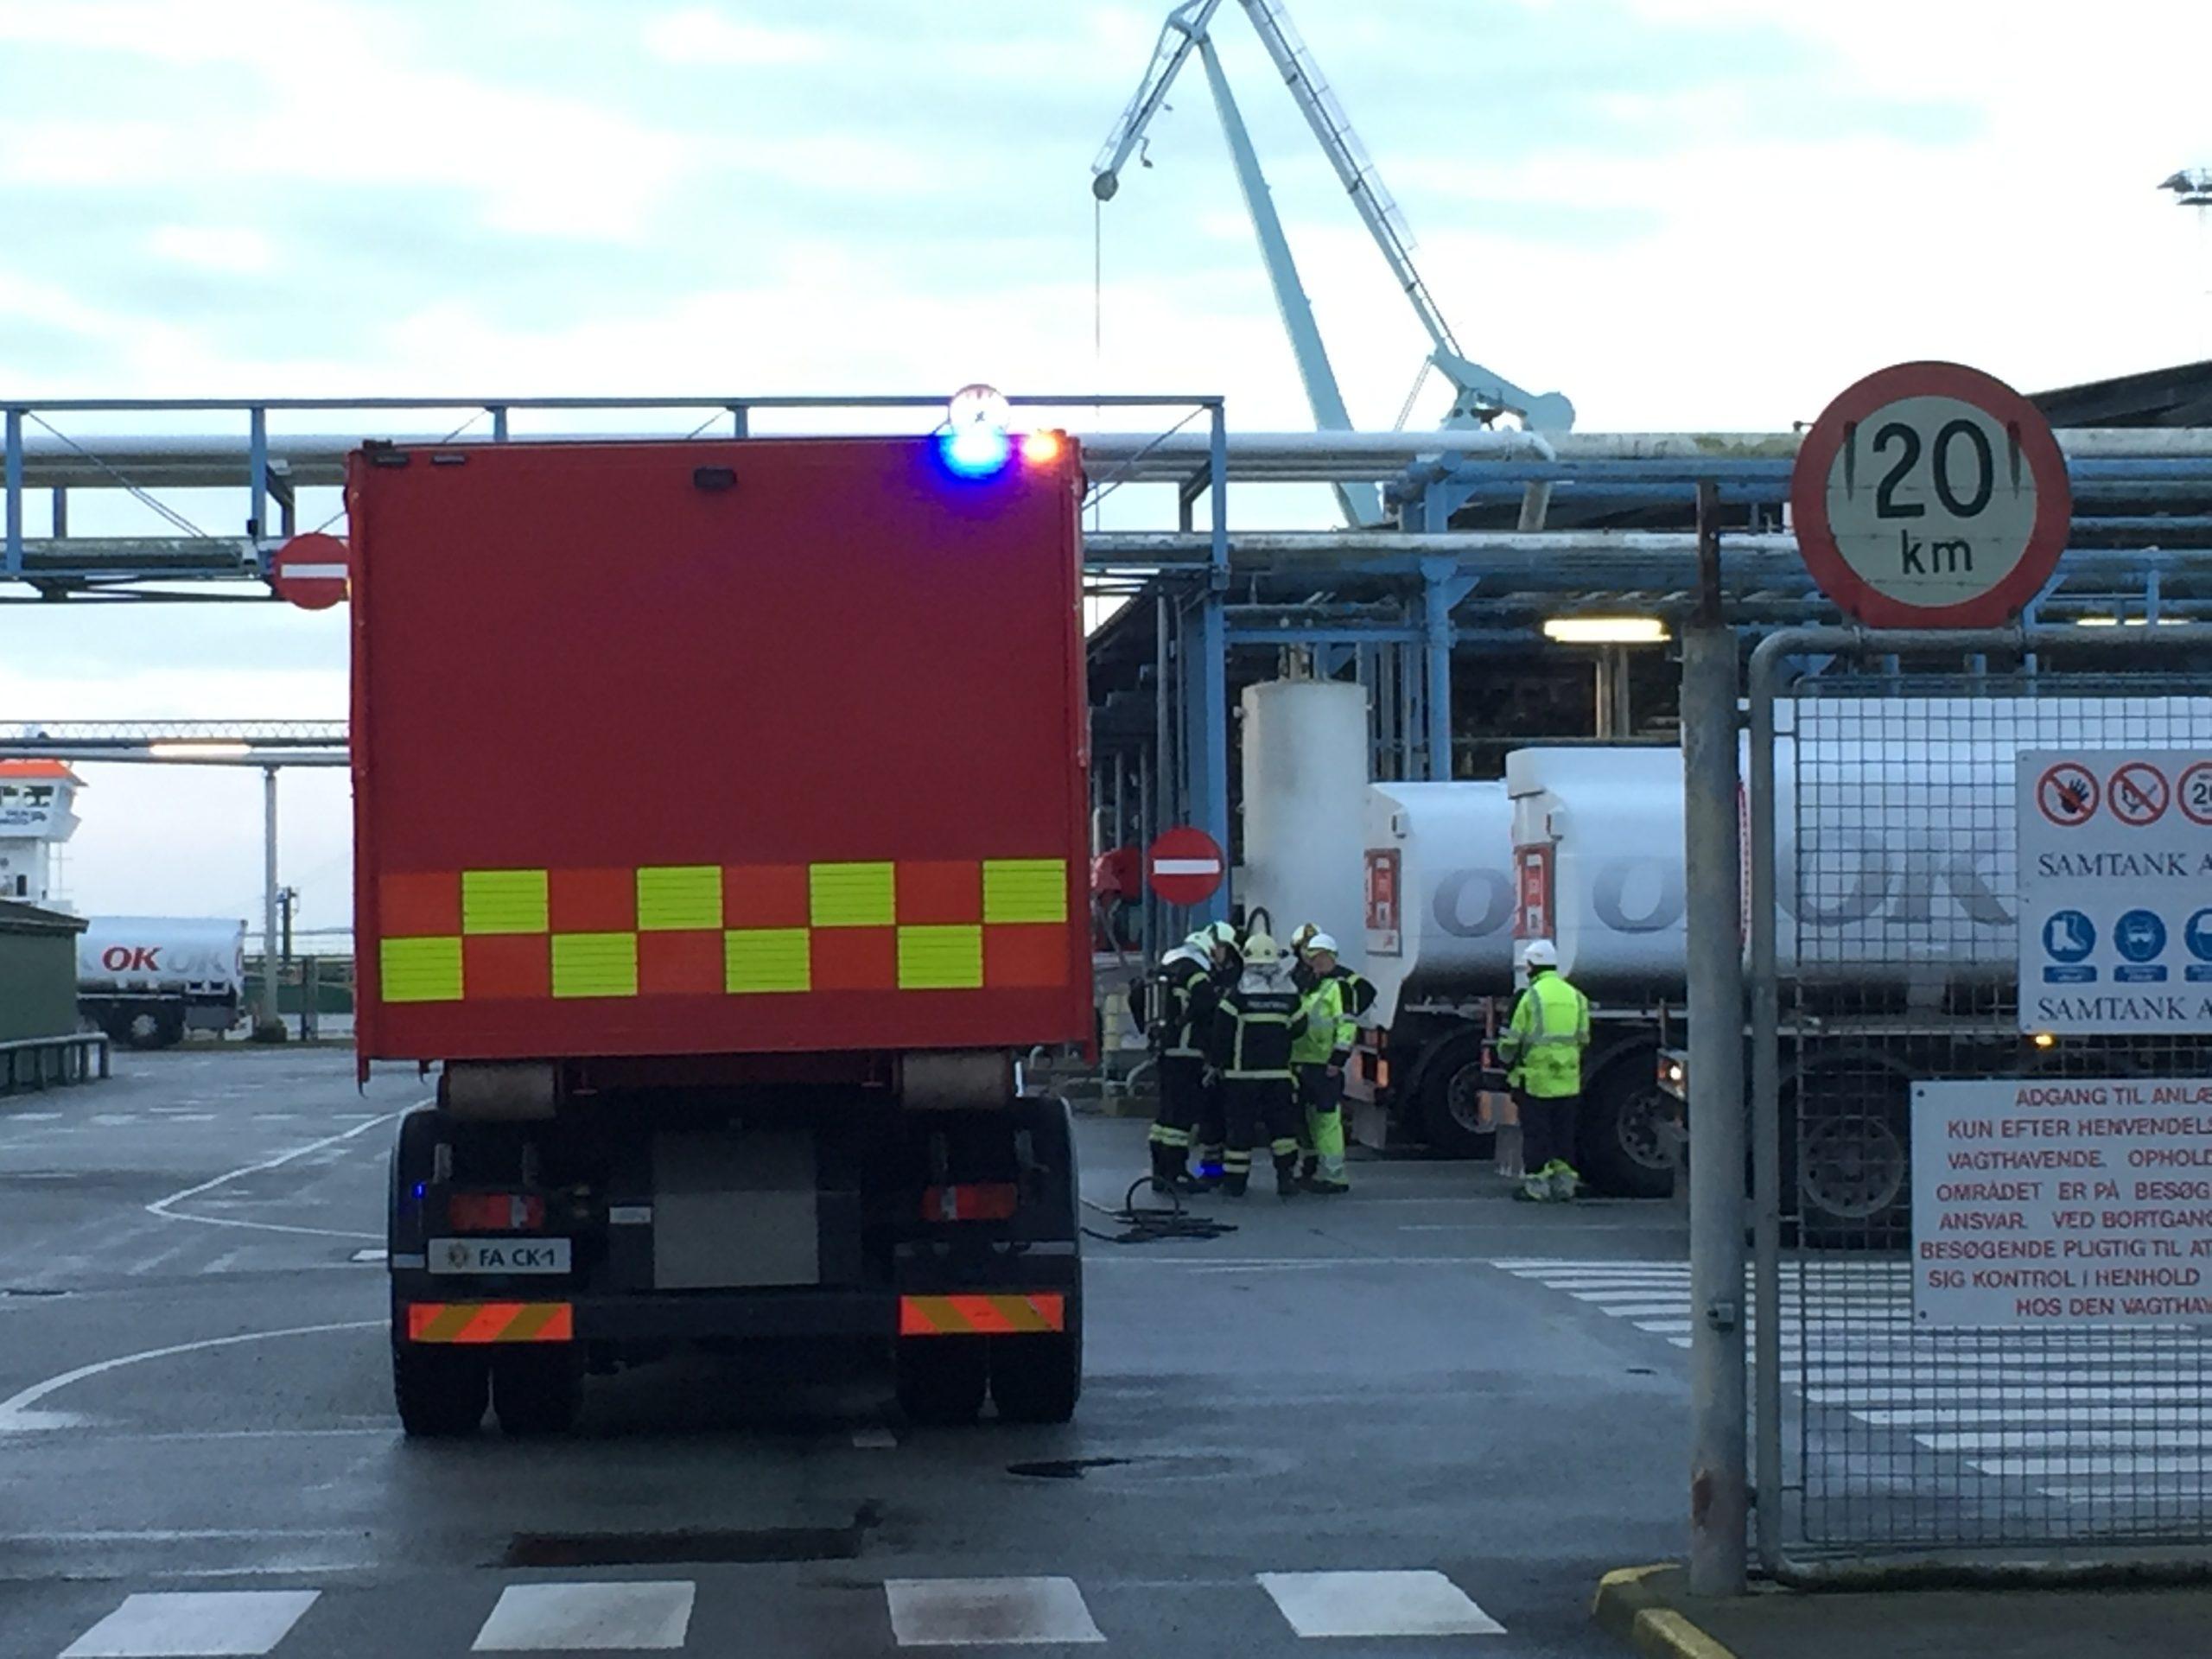 Se video: Stort benzinudslip på Vesthavns vej – Ekstra beredskab er tilkaldt